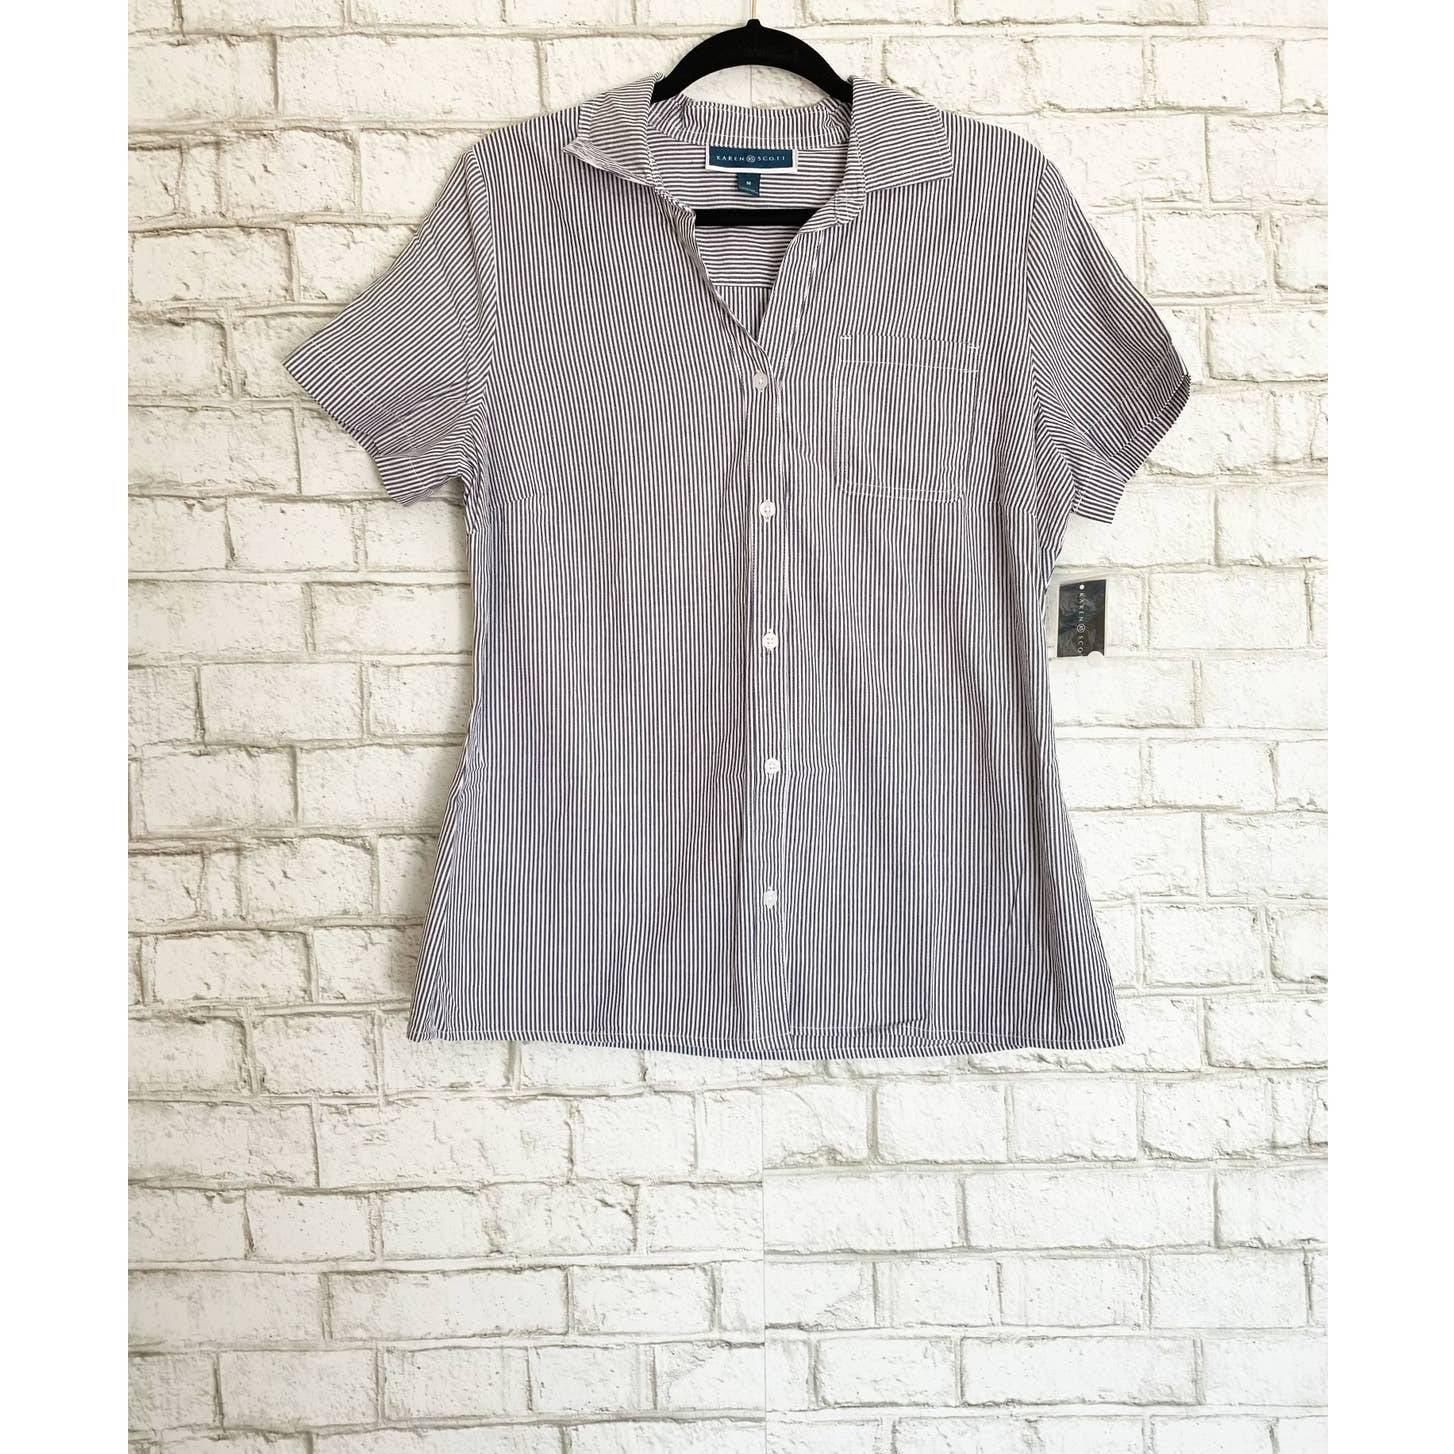 NWT Karen Scott Striped Button Up Shirt